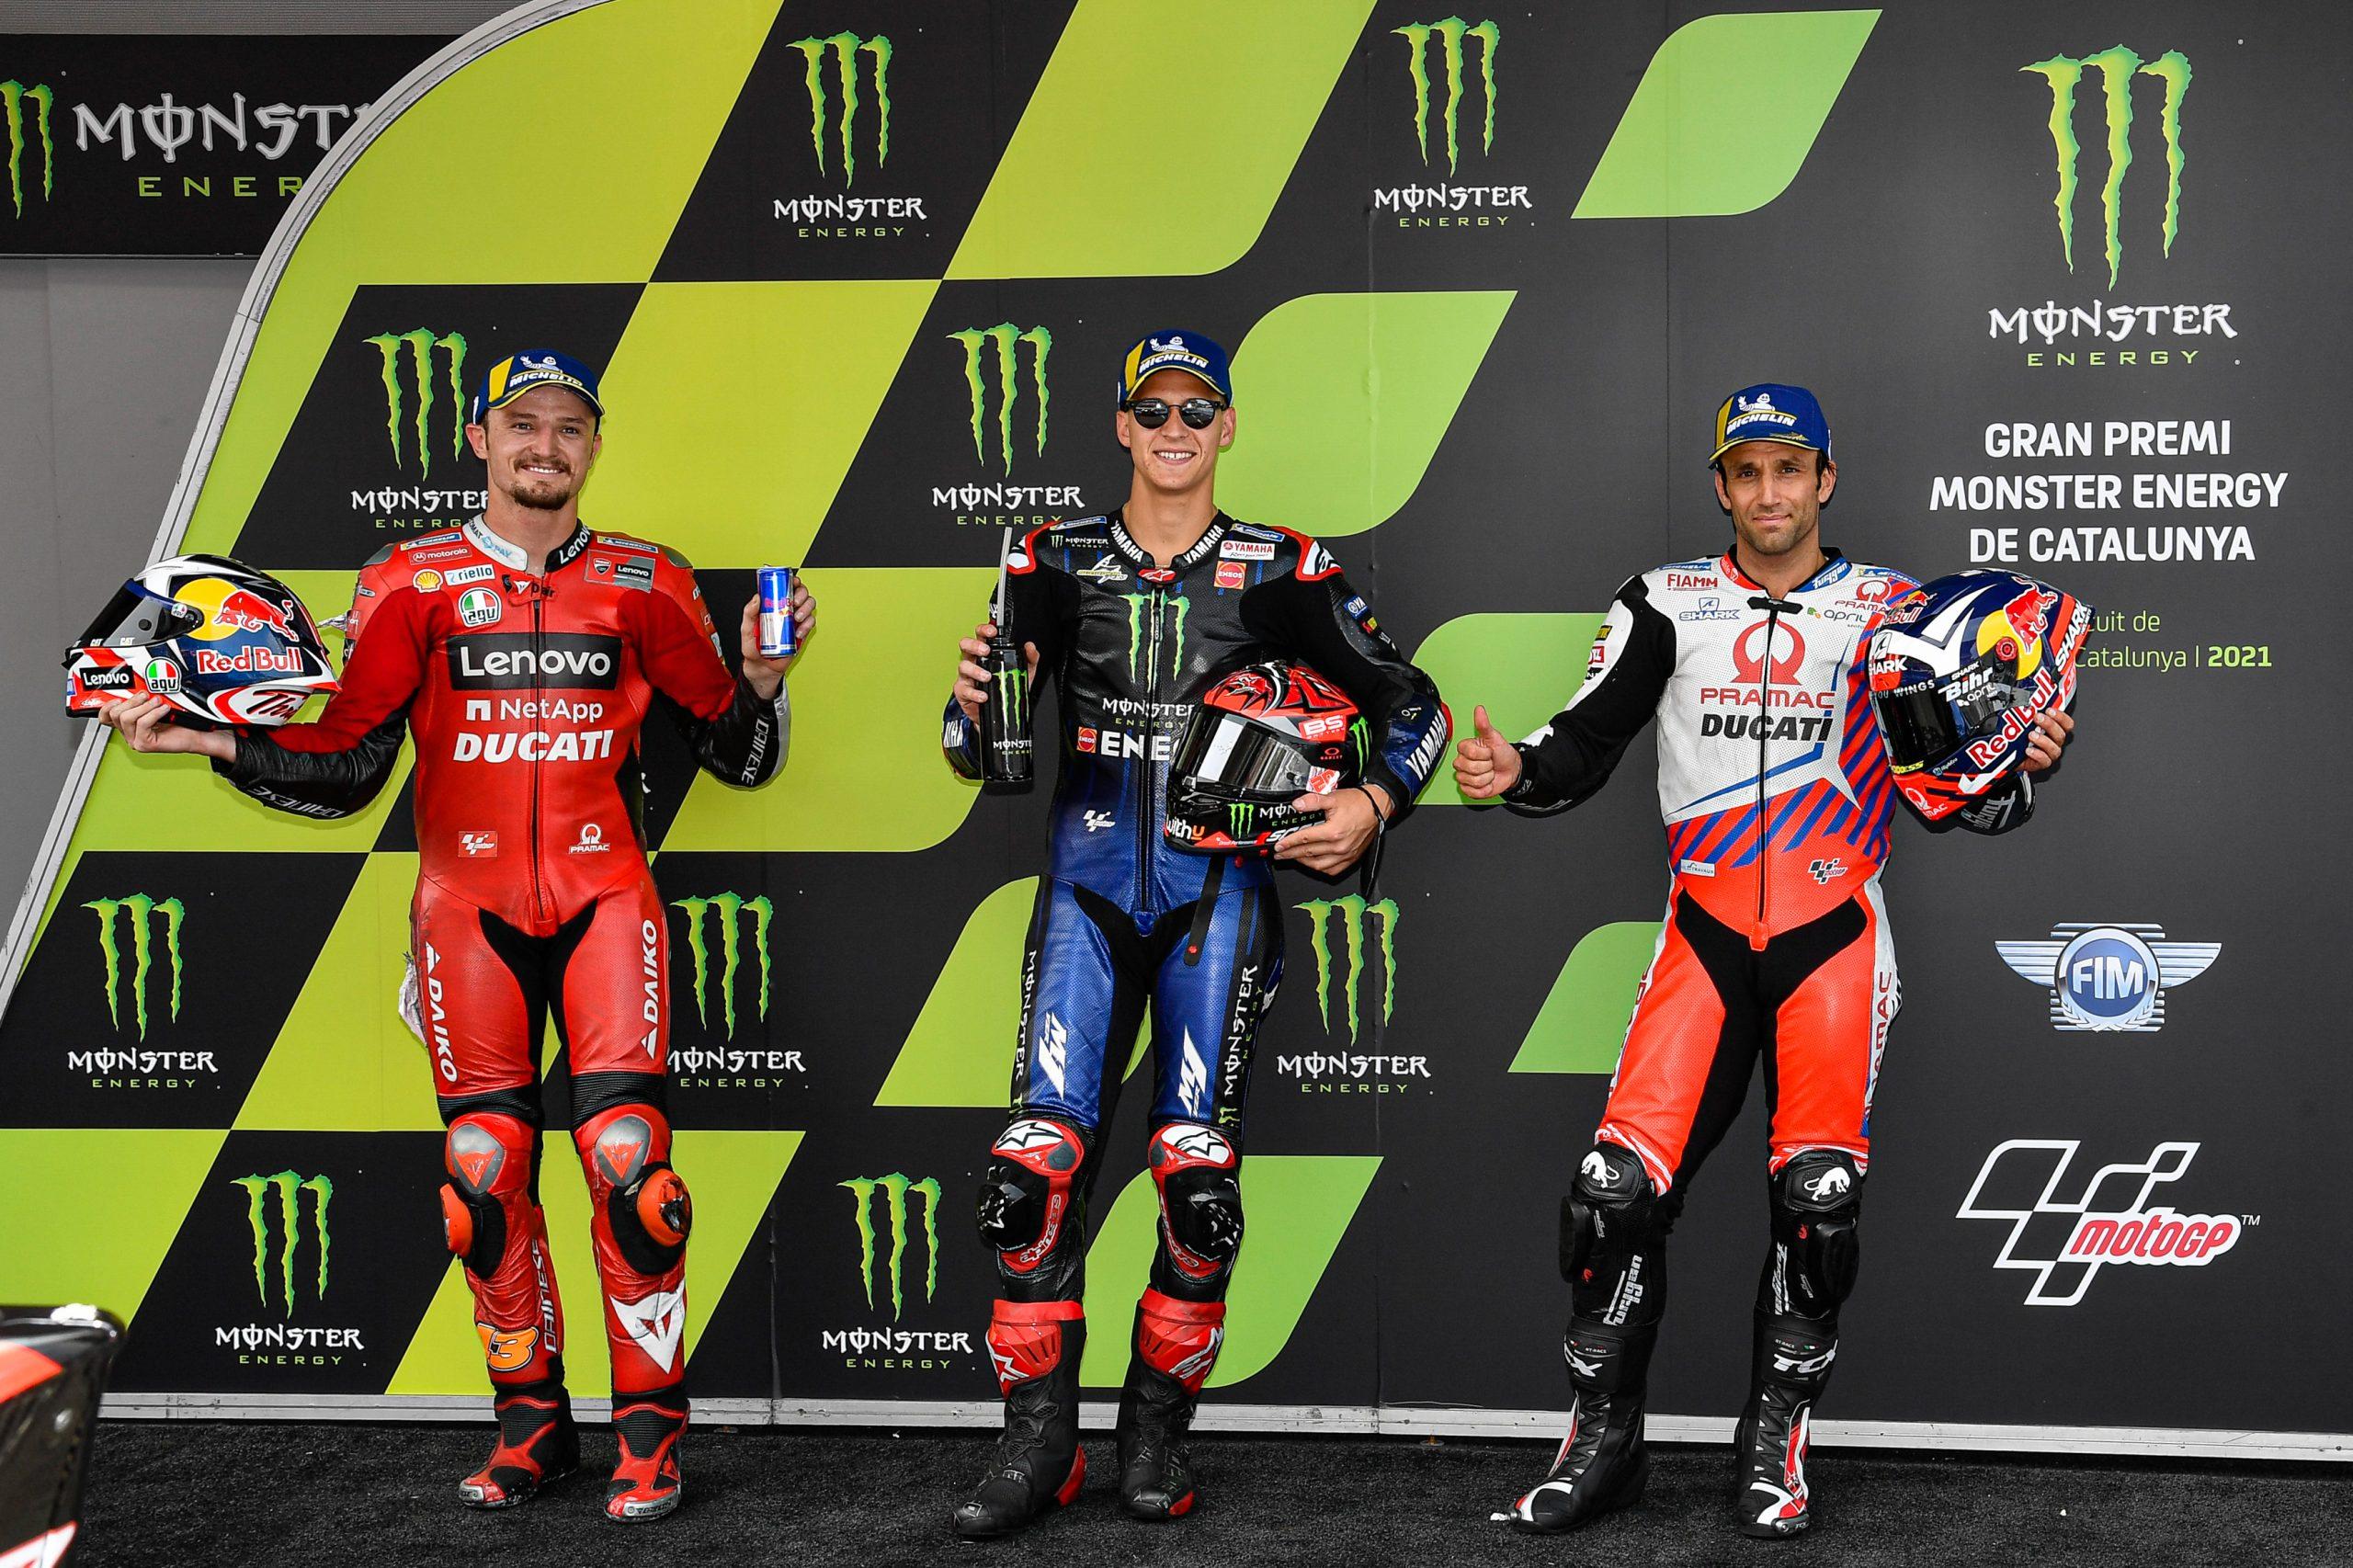 TOP3 klasyfikacji generalnej MotoGP - Miller Quartararo Zarco